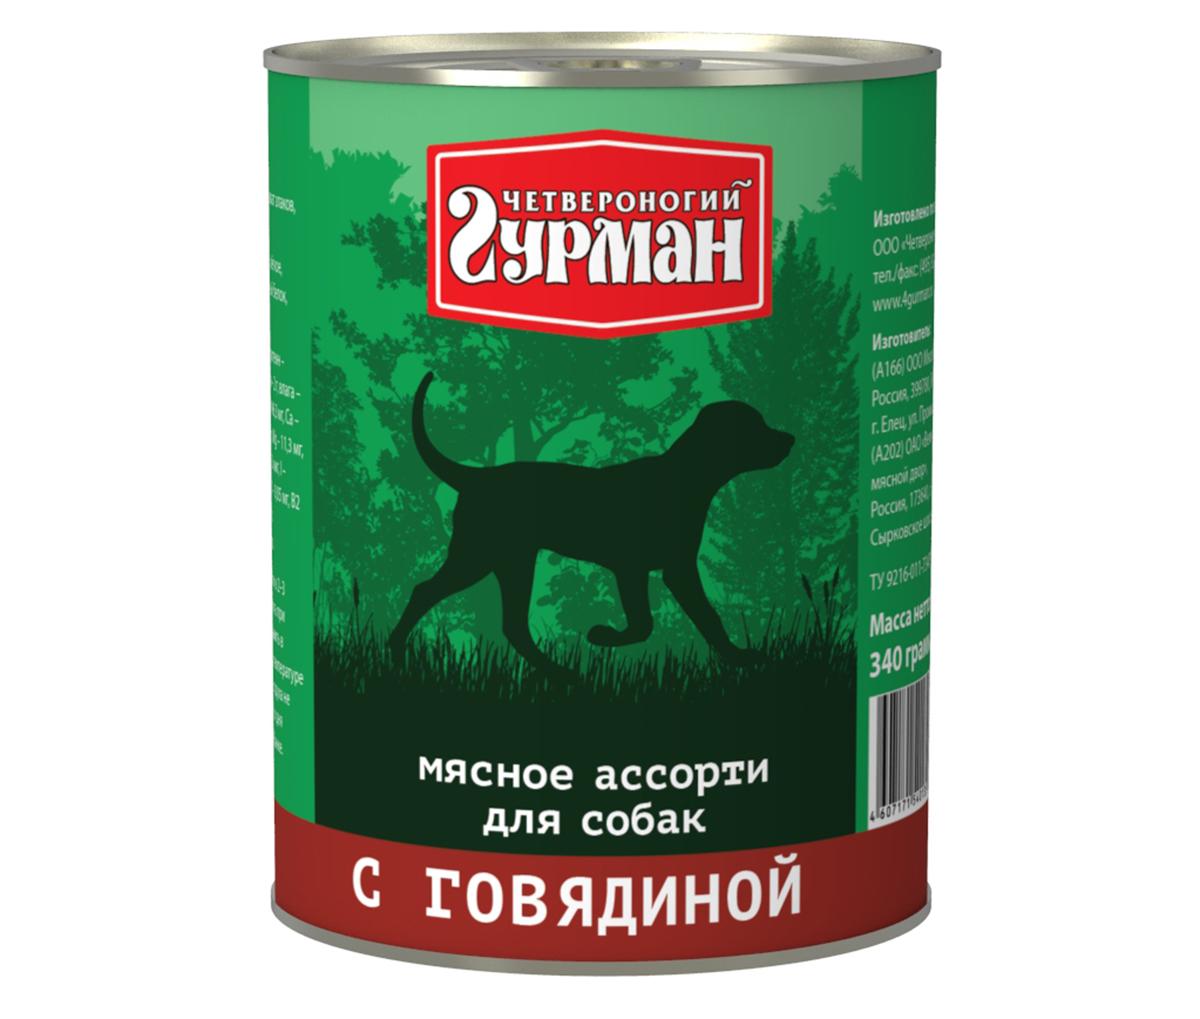 Консервы для собак Четвероногий гурман Мясное ассорти с говядиной, 340 г 103109003